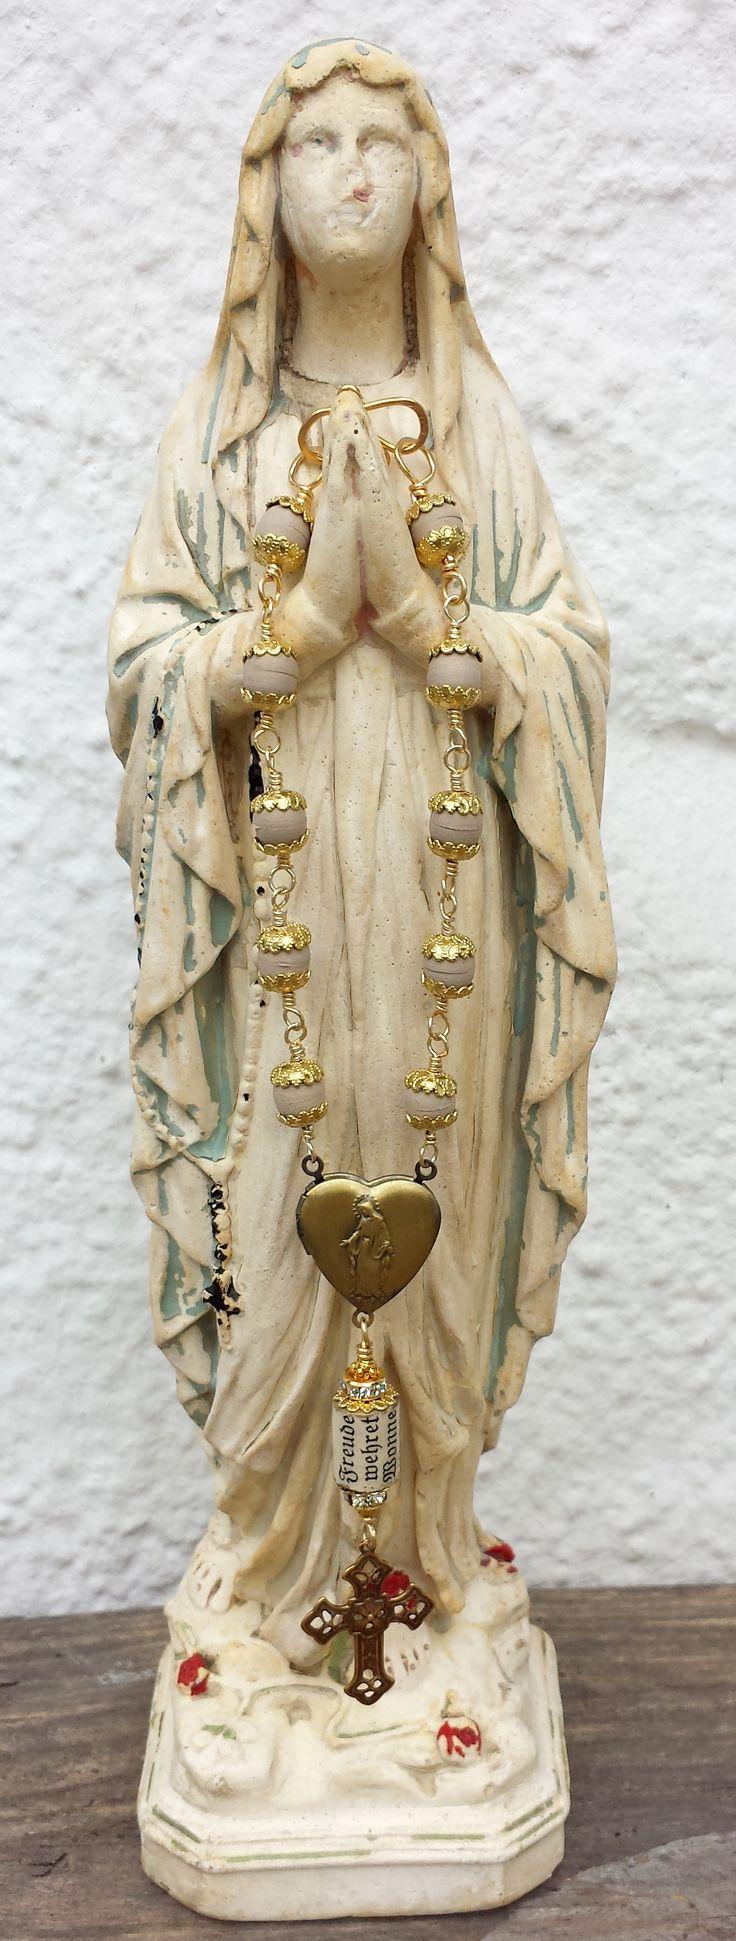 mother mary statue with blessed car rosary from scented jasmin and worship praying beads! Auto- Talisman- Gute Fahrt- Glücksbringer, gold mit echten Jasminperlen aus Jerusalem und Gebetsperle